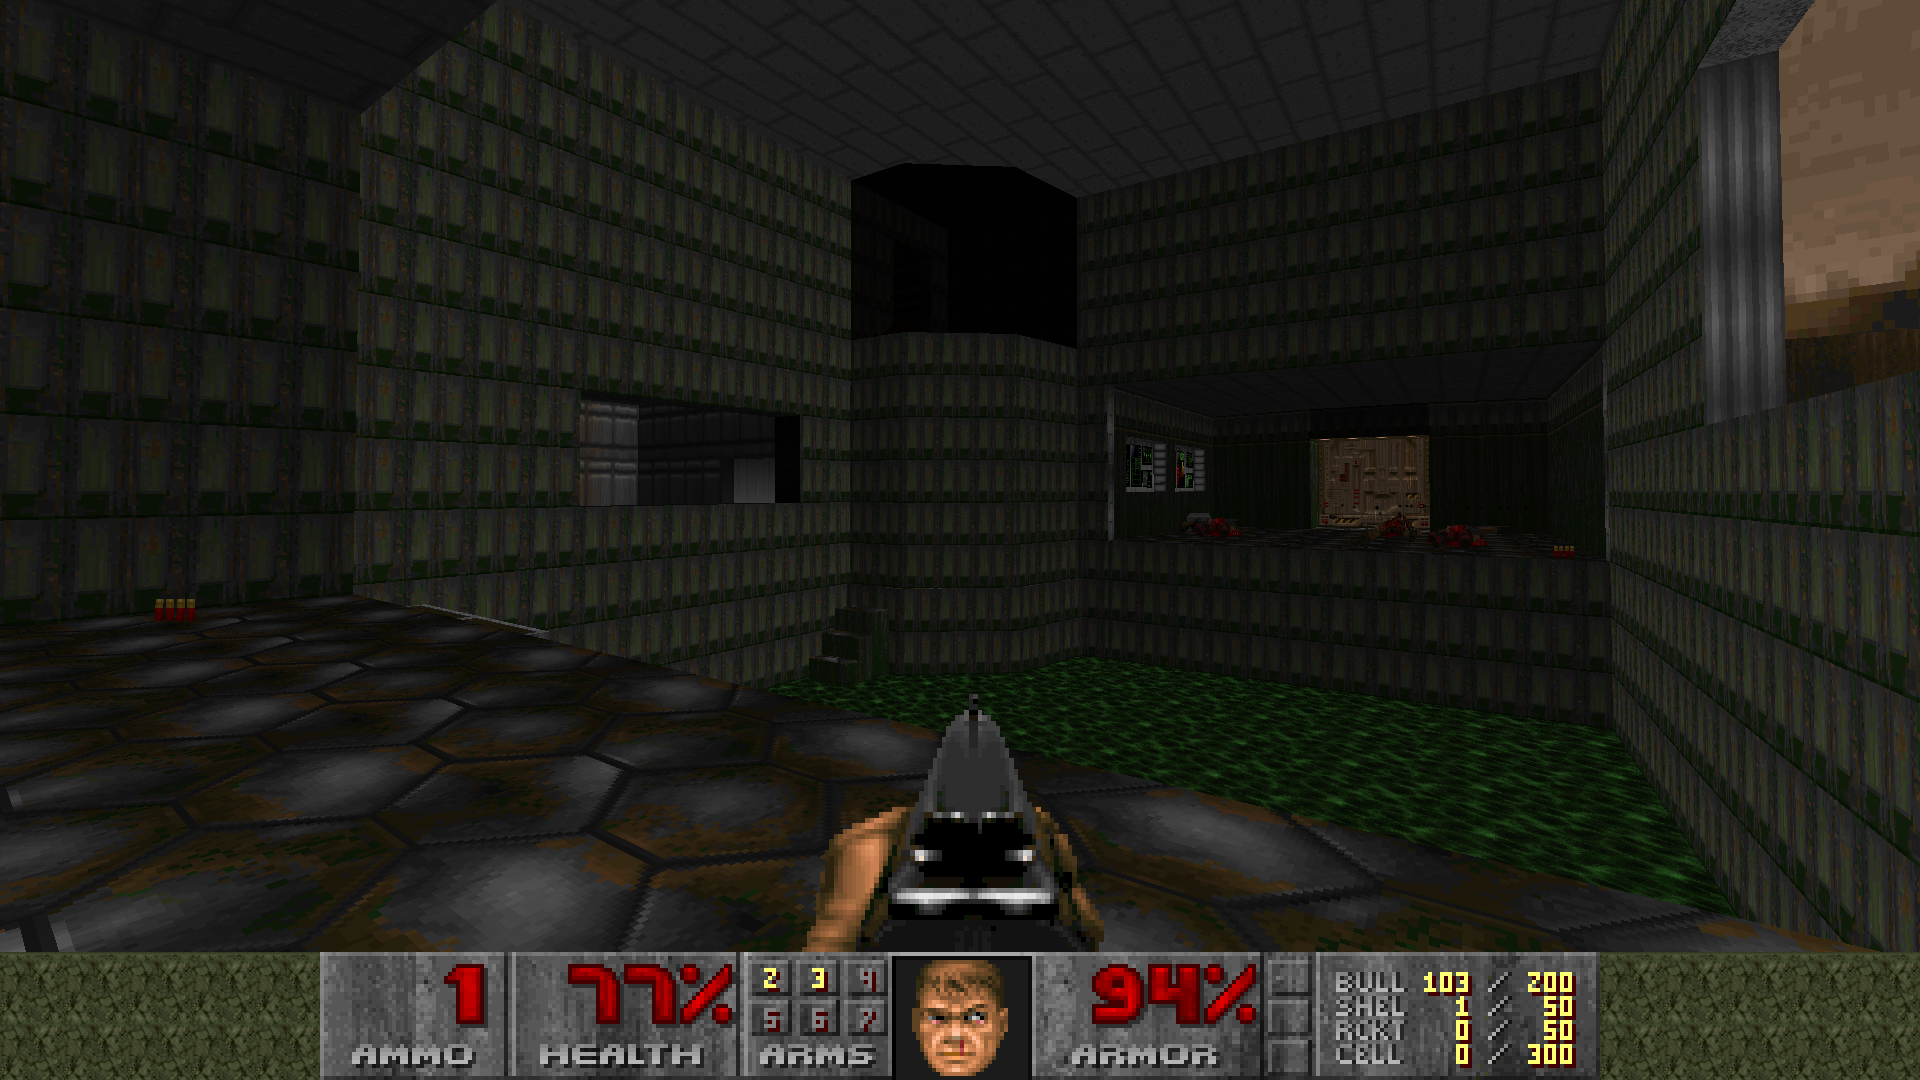 Screenshot_Doom_20200410_103725.png.dcc1a3246e546bd608db88287cb8f44d.png